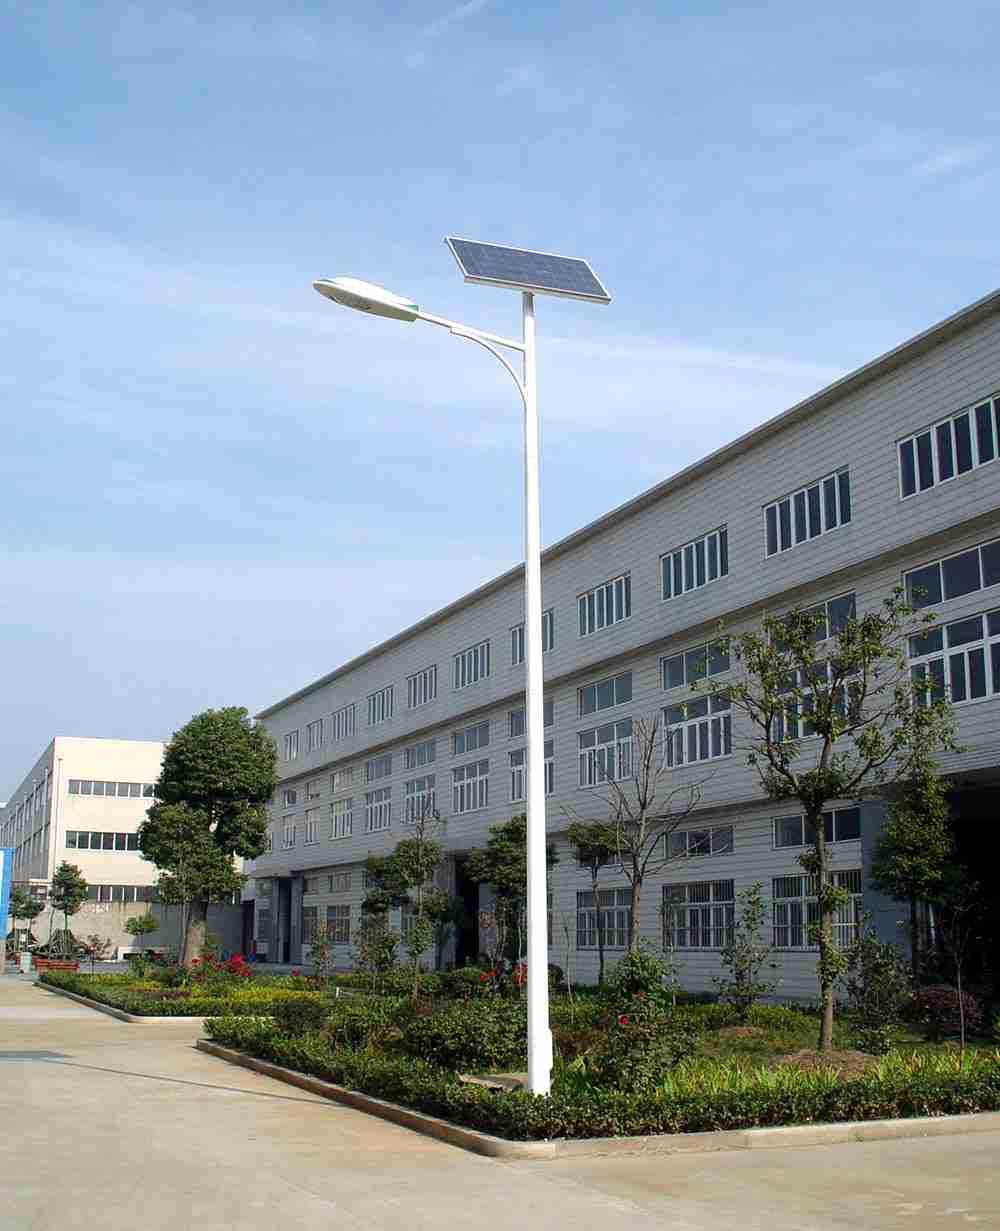 太阳能路灯与普通路灯优势对比